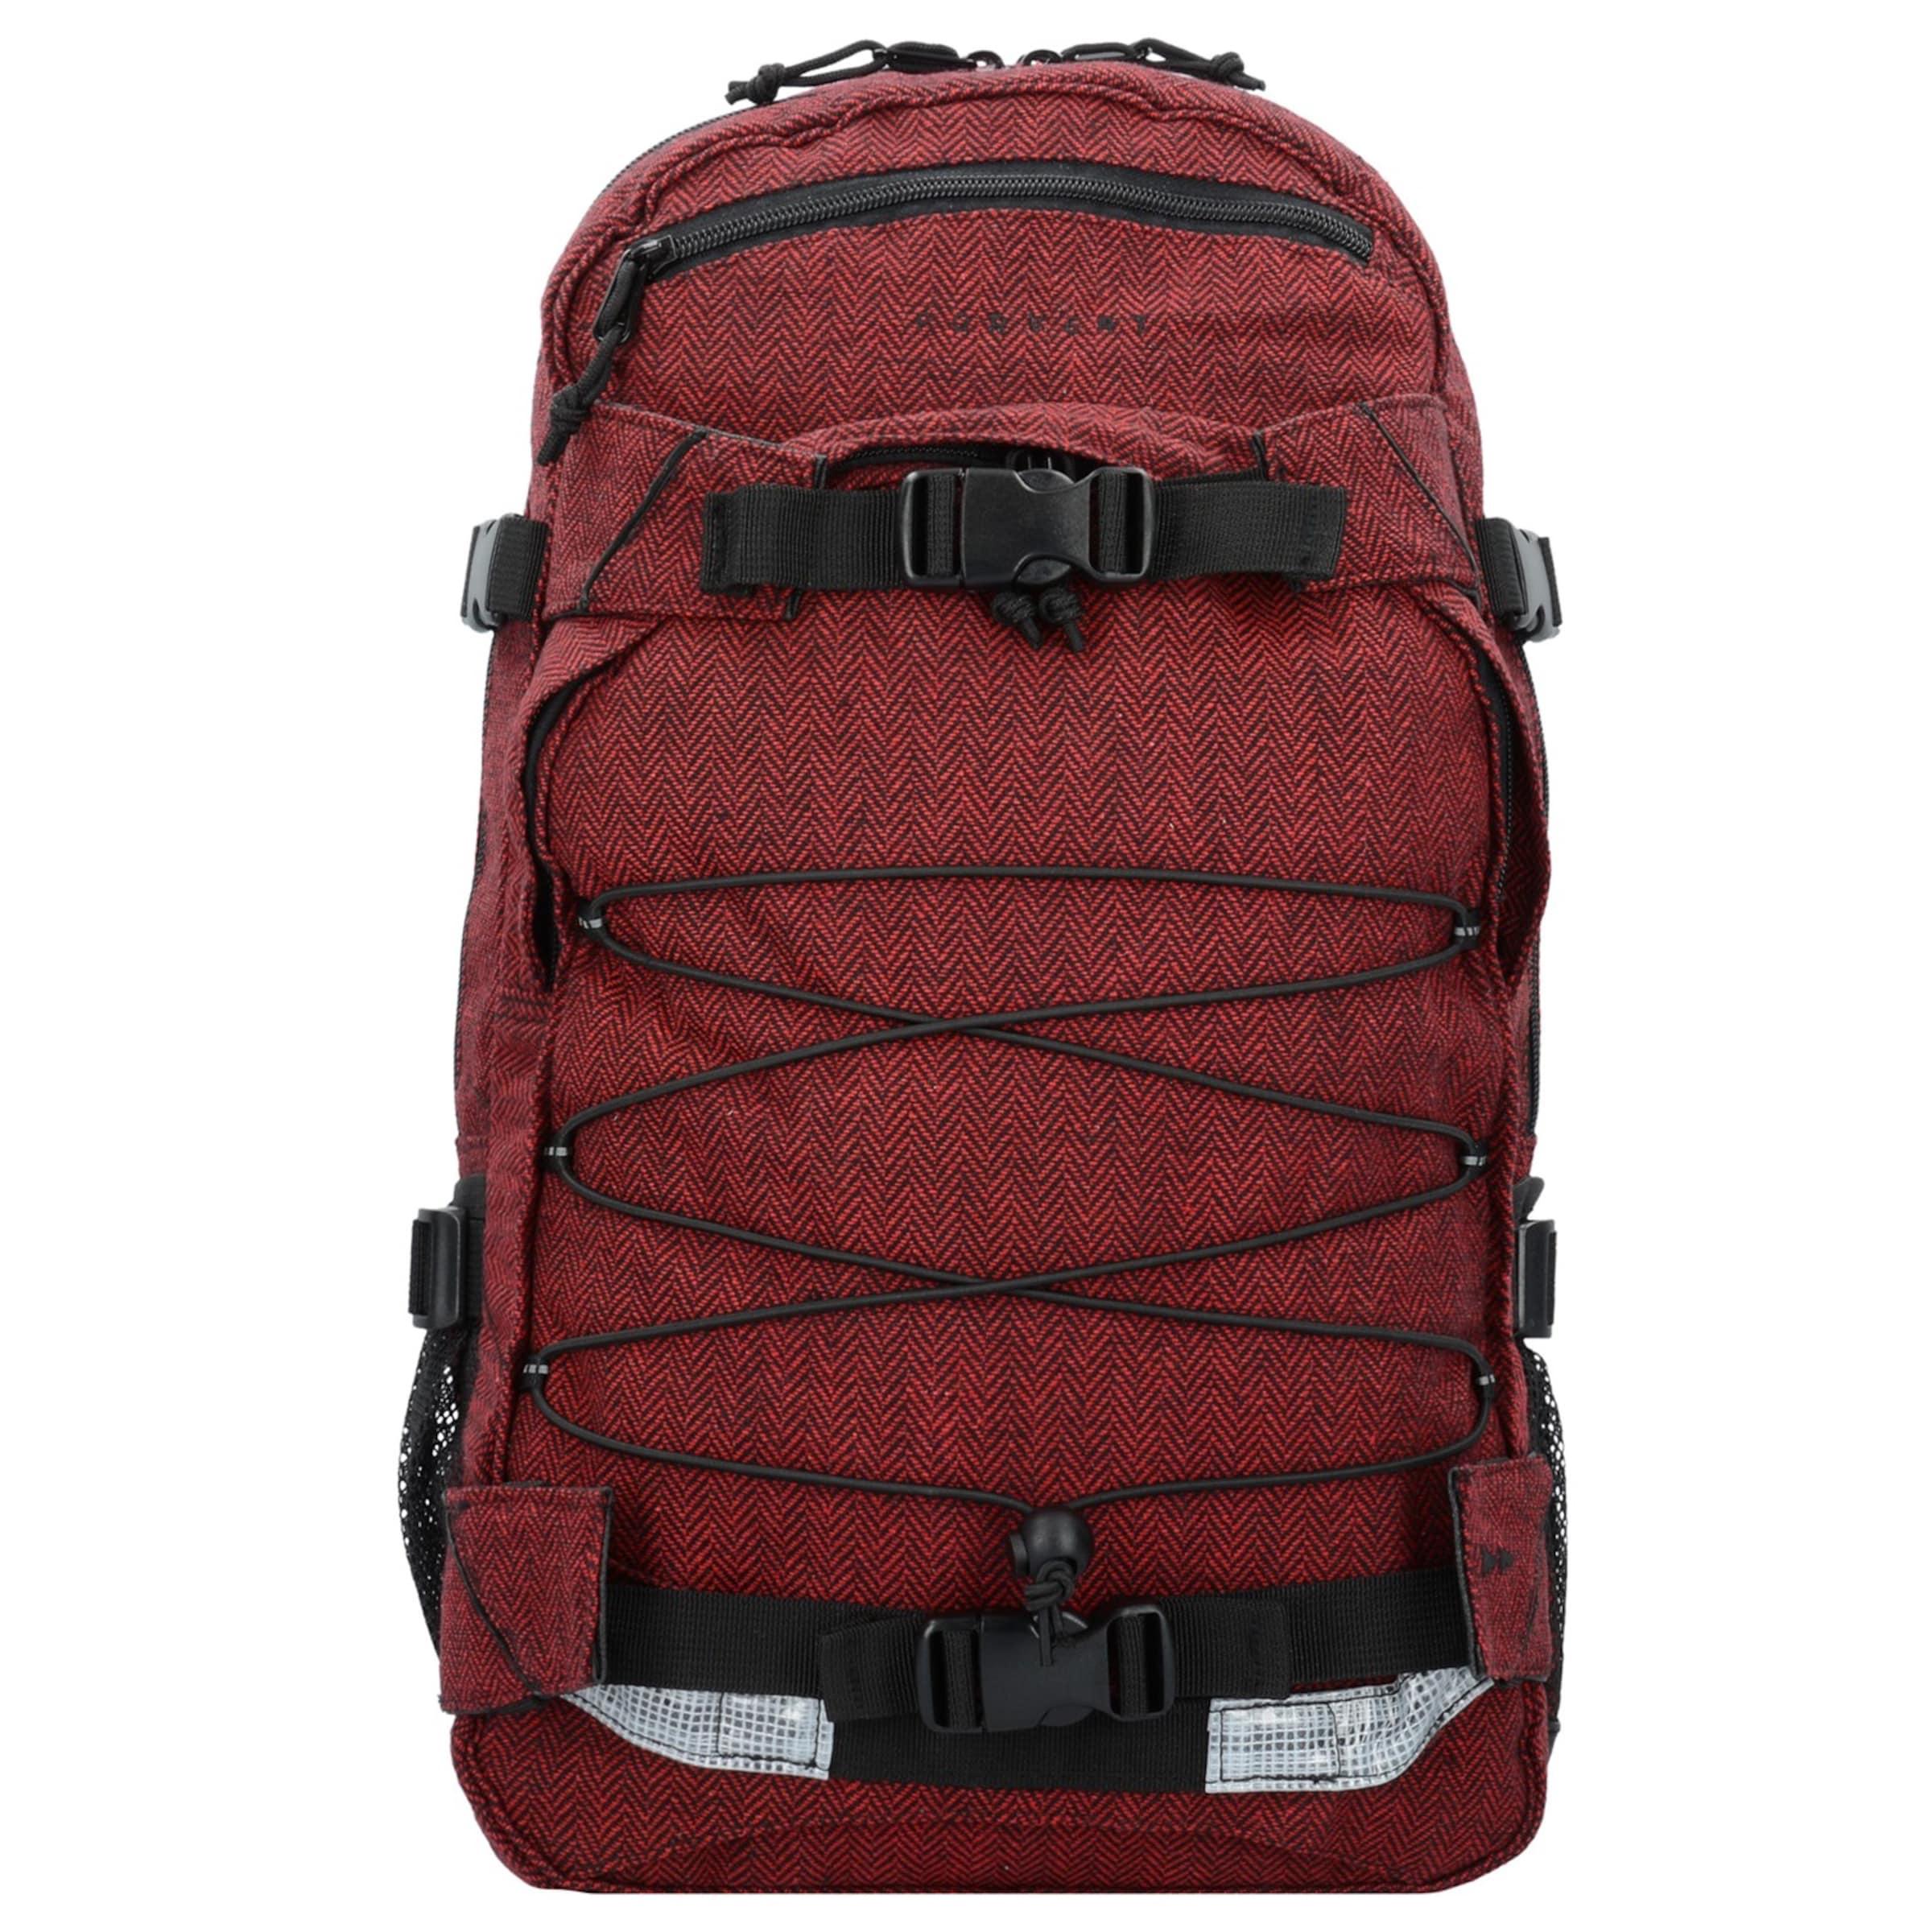 Verkauf In Deutschland Countdown-Paket Günstig Online Forvert Backpack New Laptop 'Louis' Rucksack 50 cm Billig Verkauf Echten yaWeMG